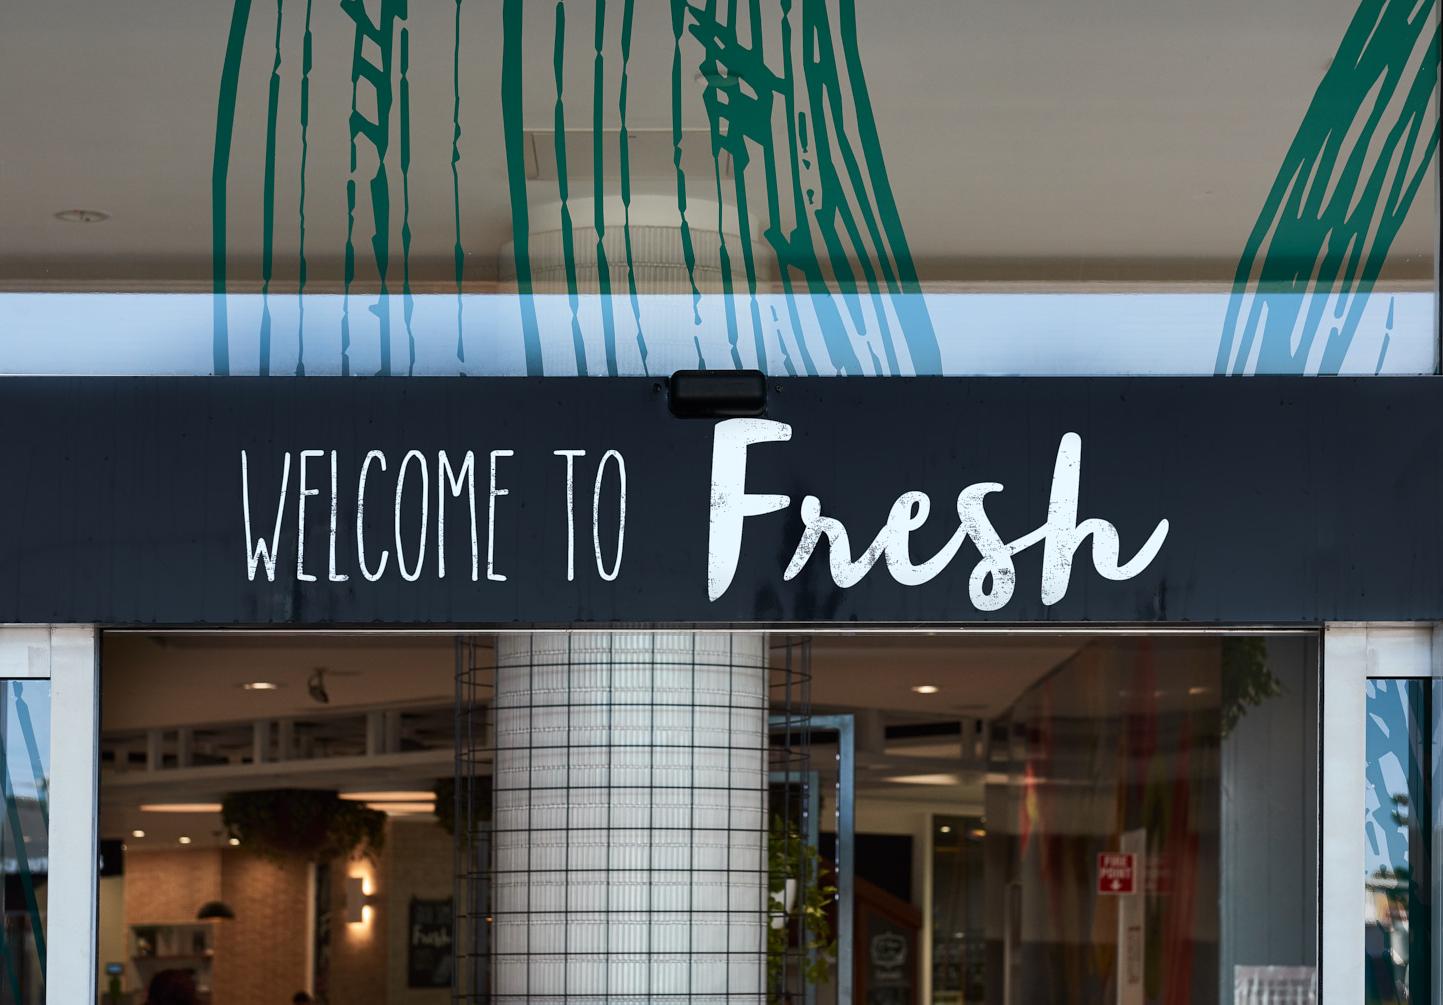 Strathpine生鲜食品中心导视系统设计©dovetaildesign